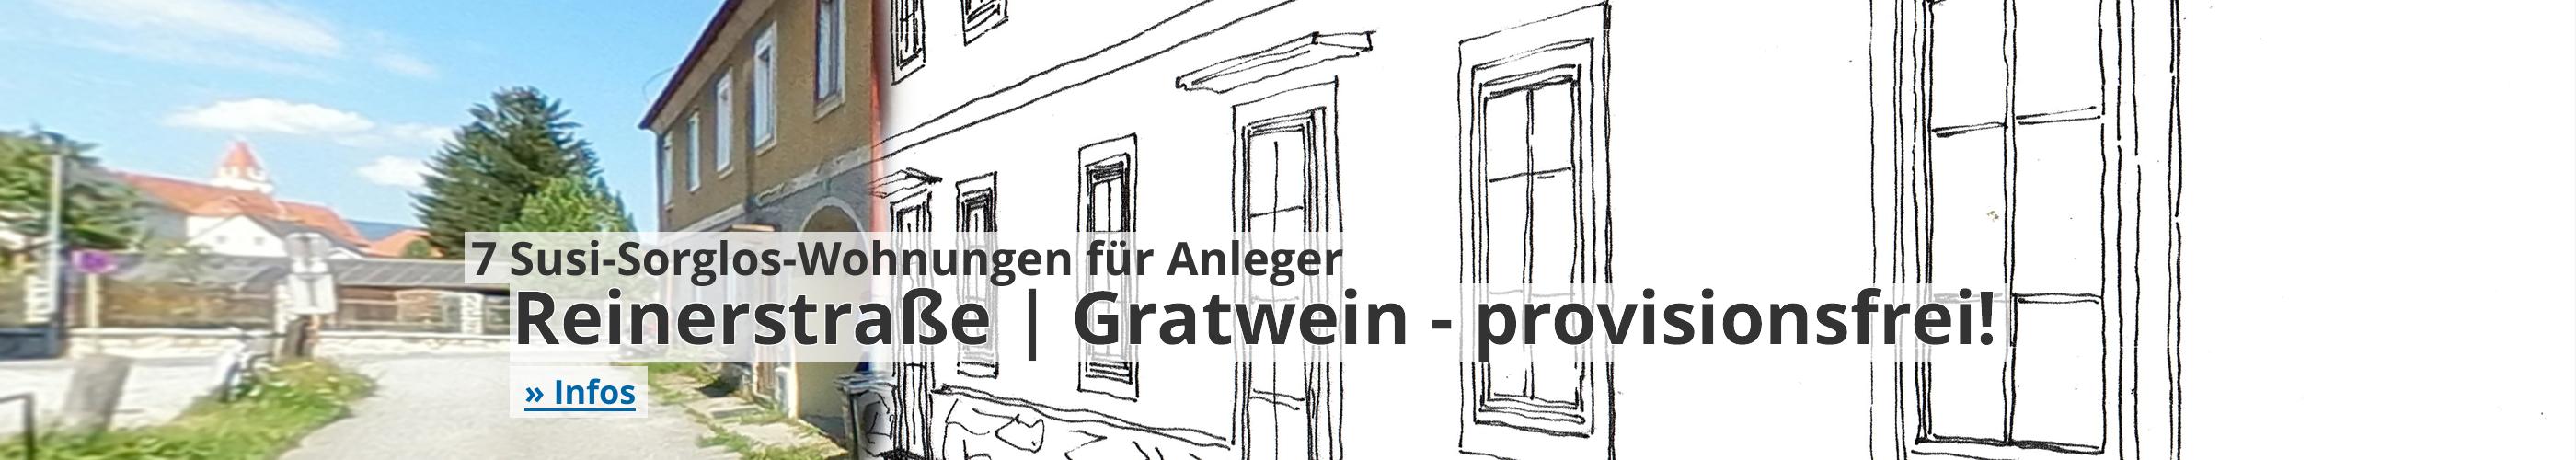 7 Susi-Sorglos-Wohnungen | Gratwein